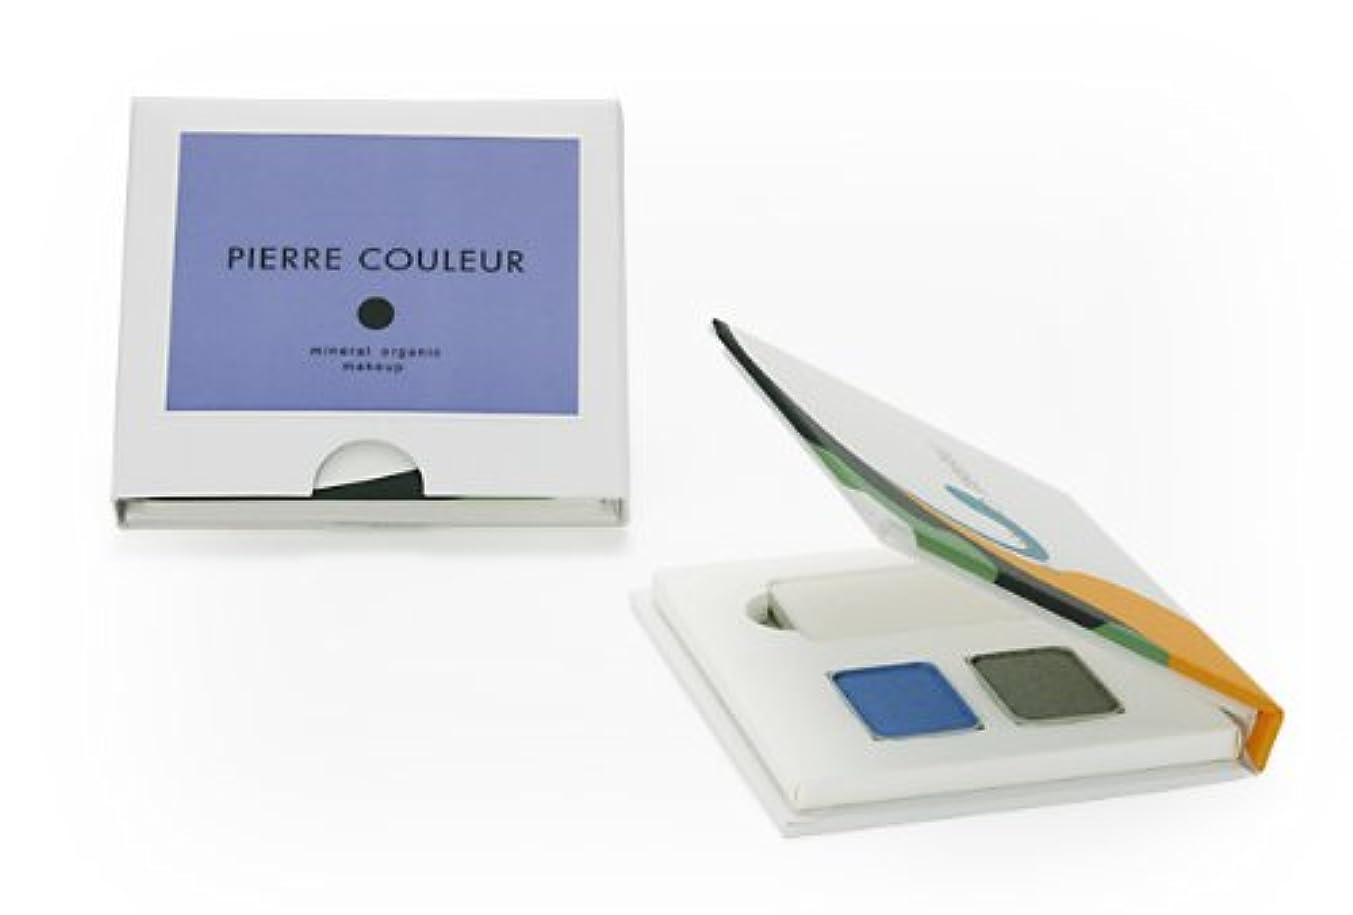 でるクレーンマイクロプロセッサPIERRE COULEUR ポイントカラーT ブルー系 4.5g